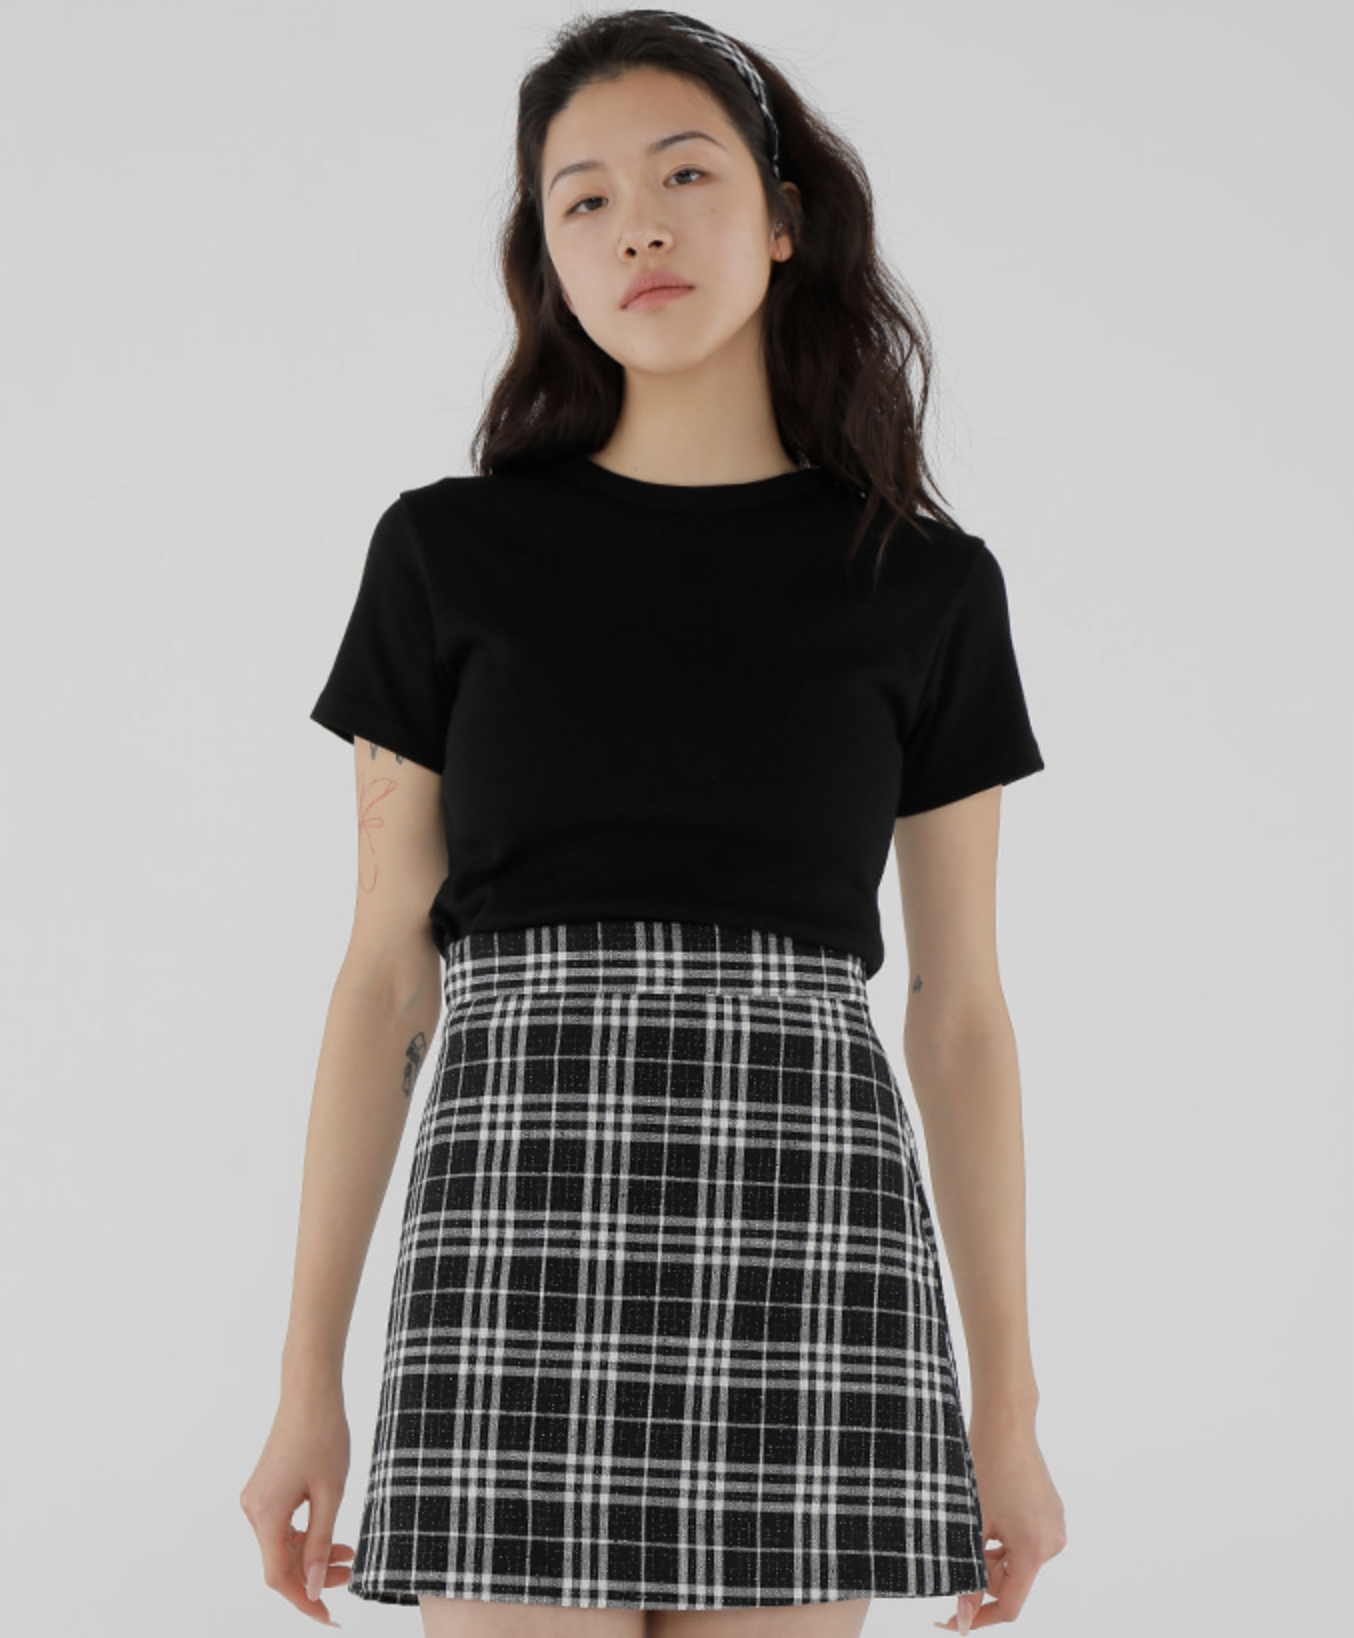 Đụng váy hậu giảm cân: Joy khoe style trẻ xinh hết cỡ, Nancy mix đồ cá tính lộ chân thon giật mình - Ảnh 5.